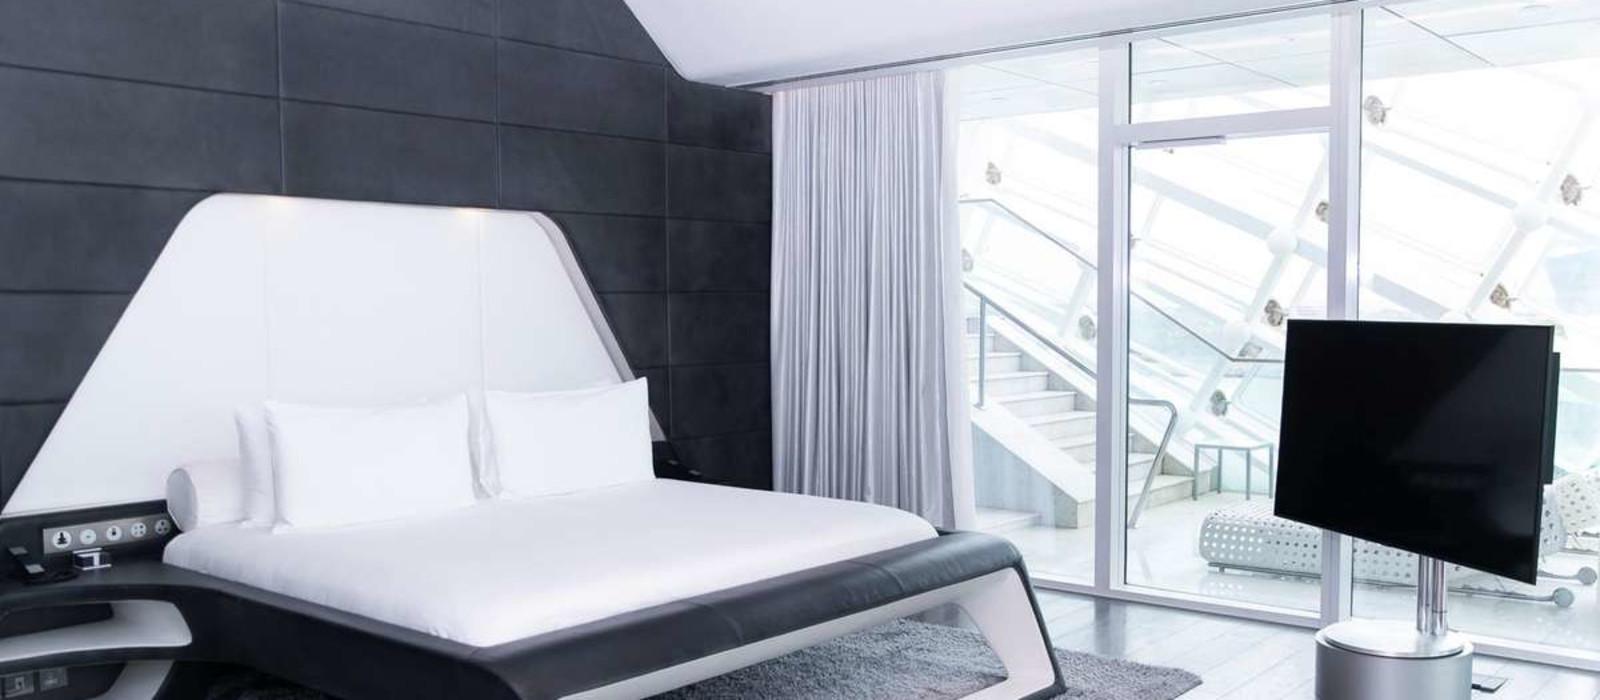 Hotel W Abu Dhabi – Yas Island Oman